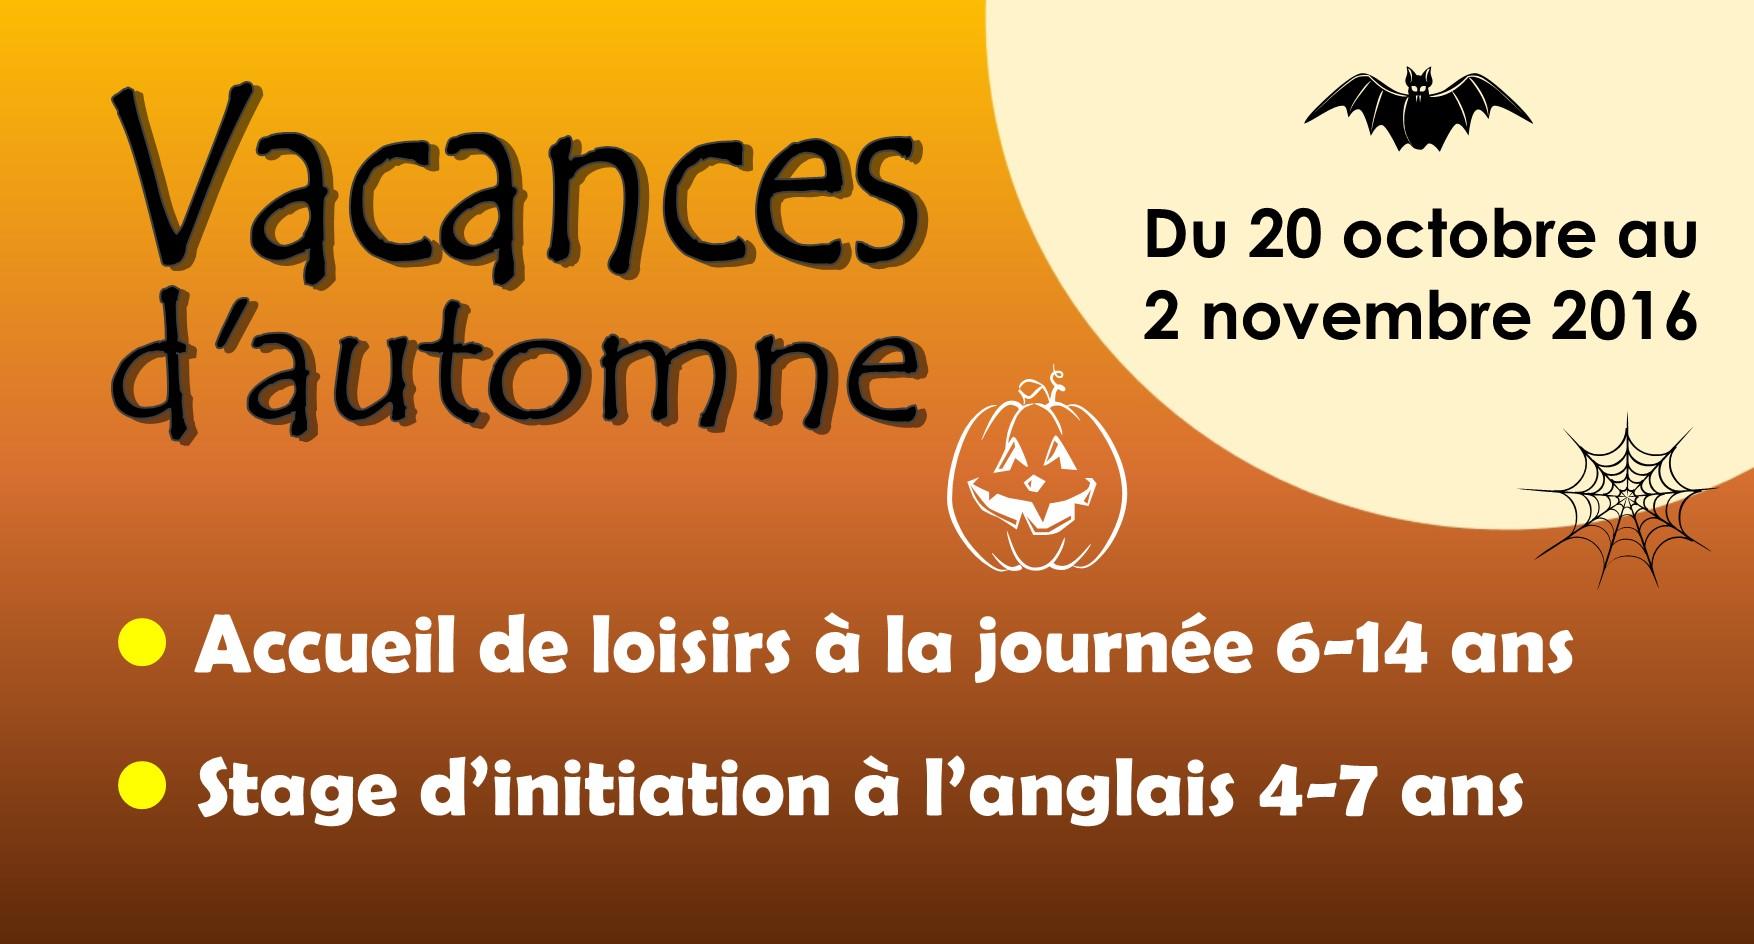 Programme des vacances de la toussaint mjc morteau - Vacances de la toussaint 2016 ...